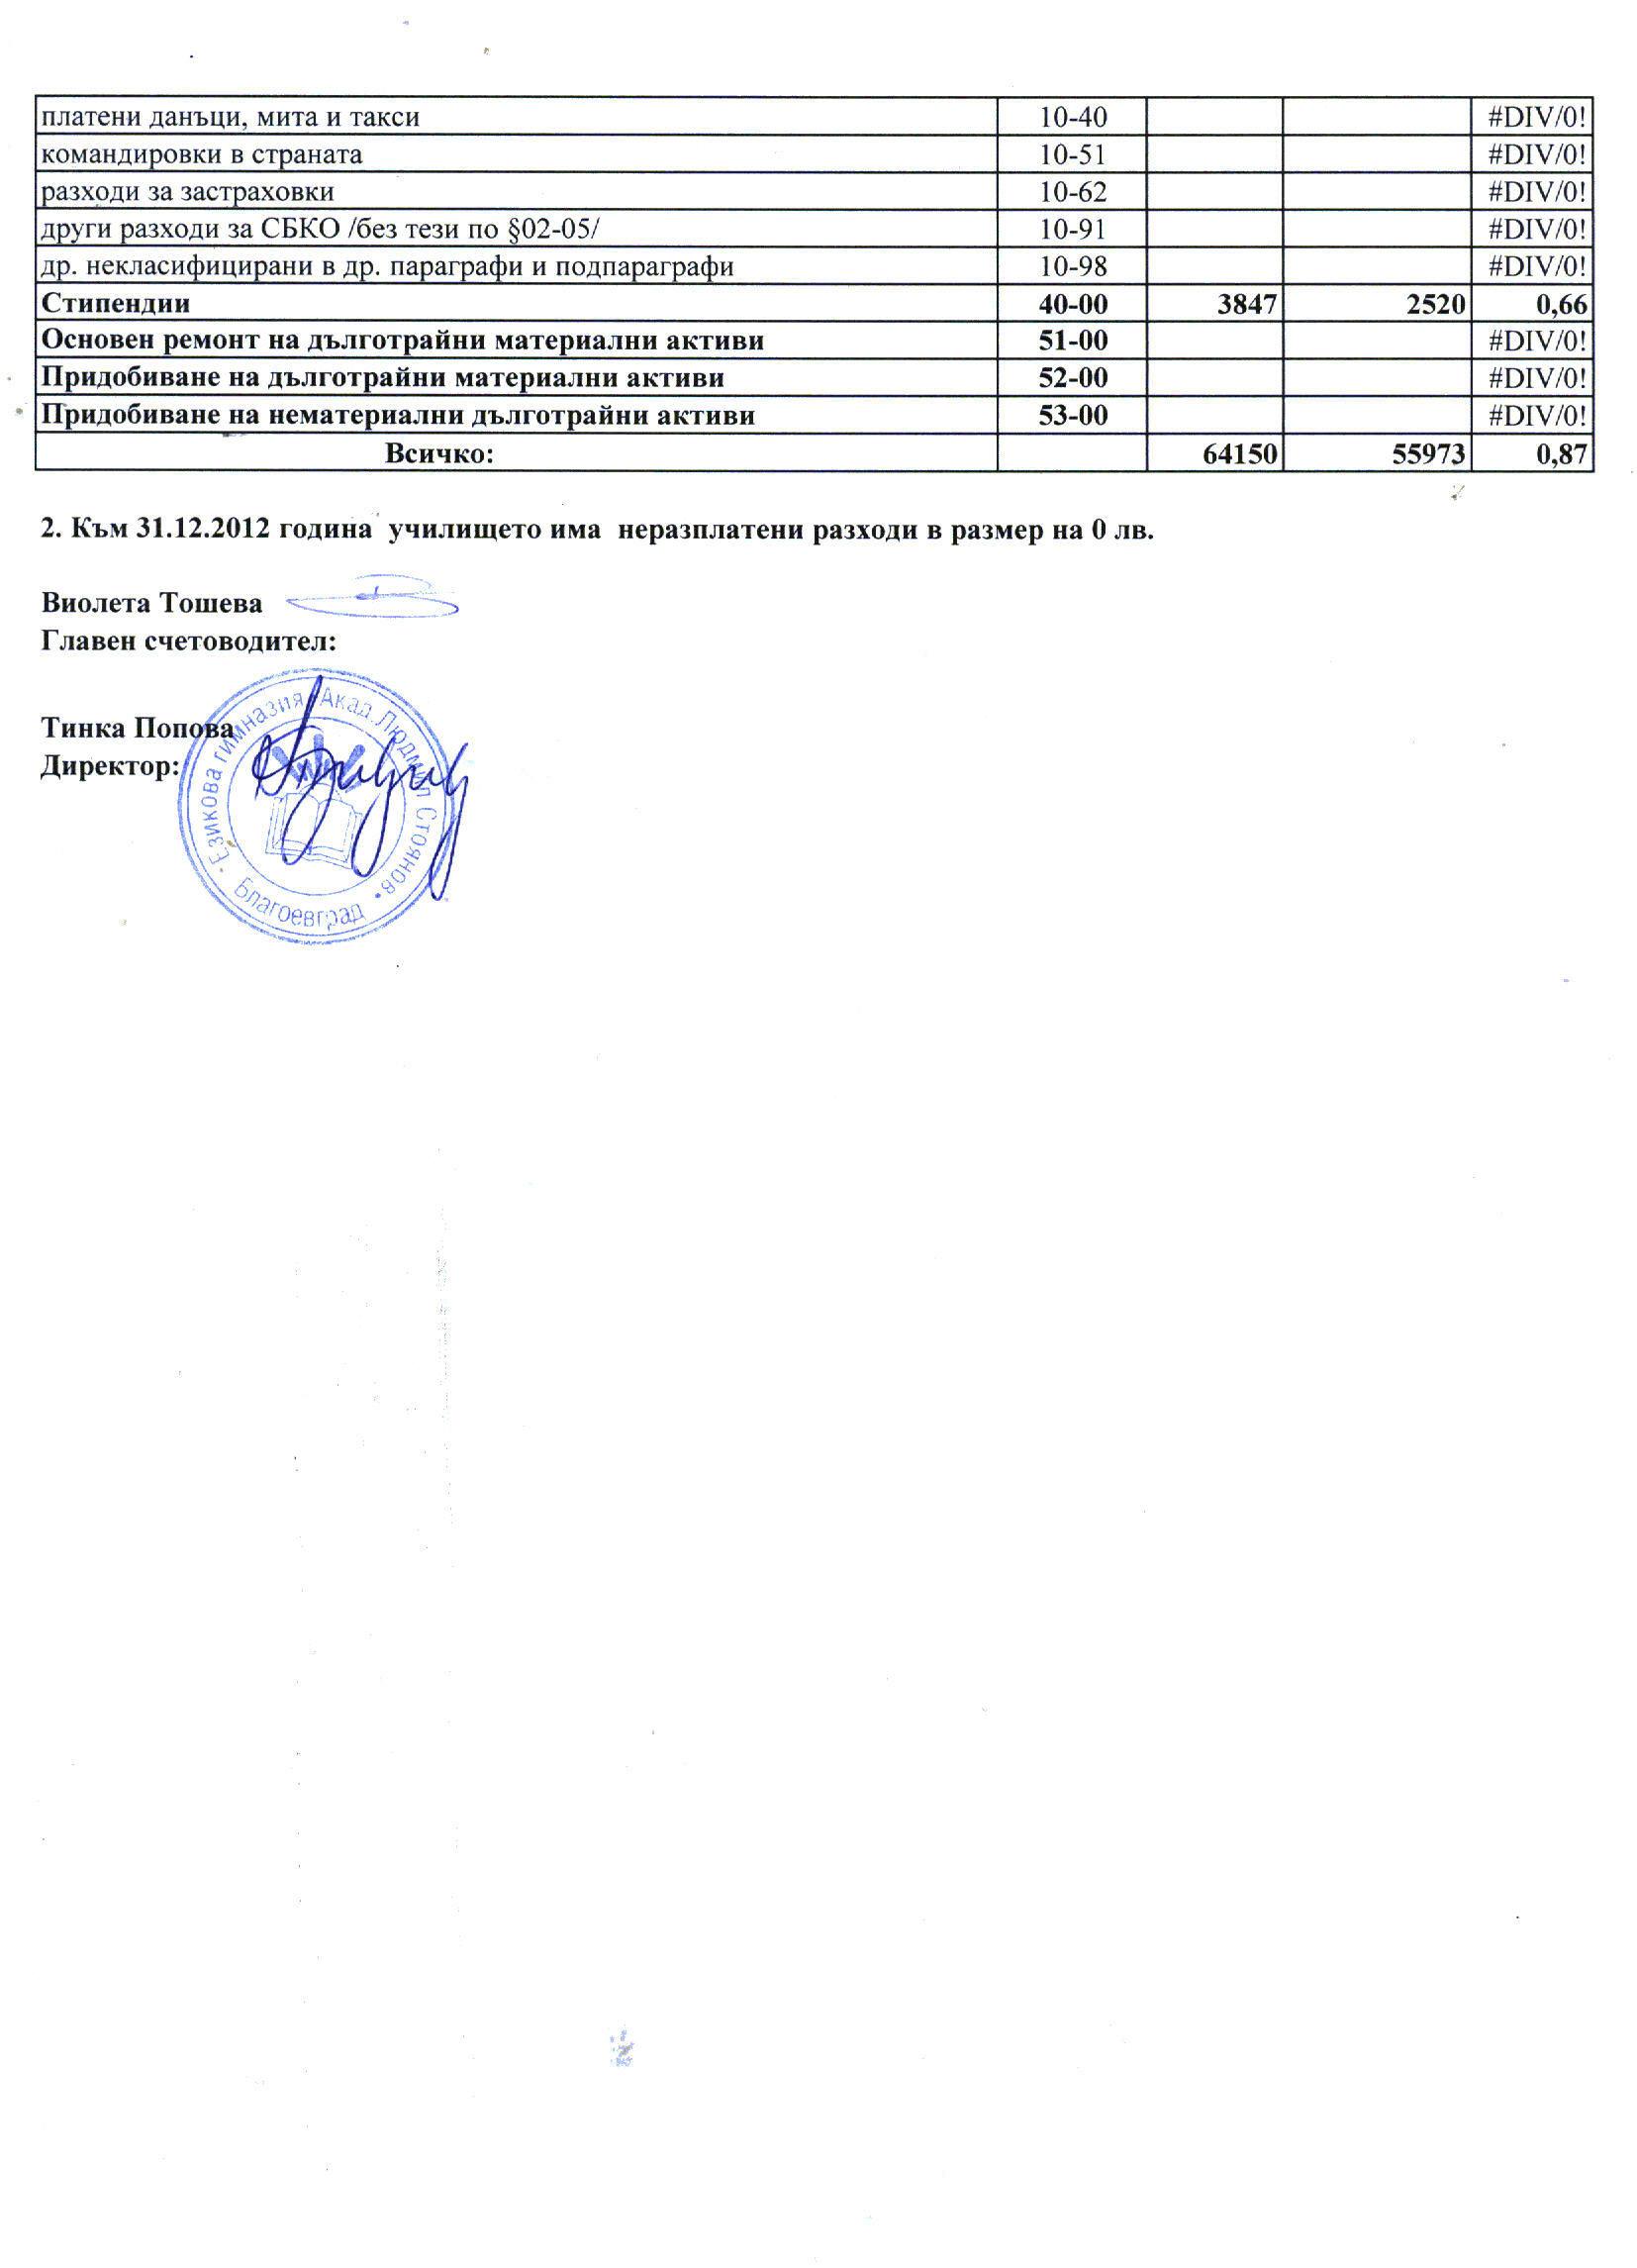 ot4et 31.12.2012_Page_3